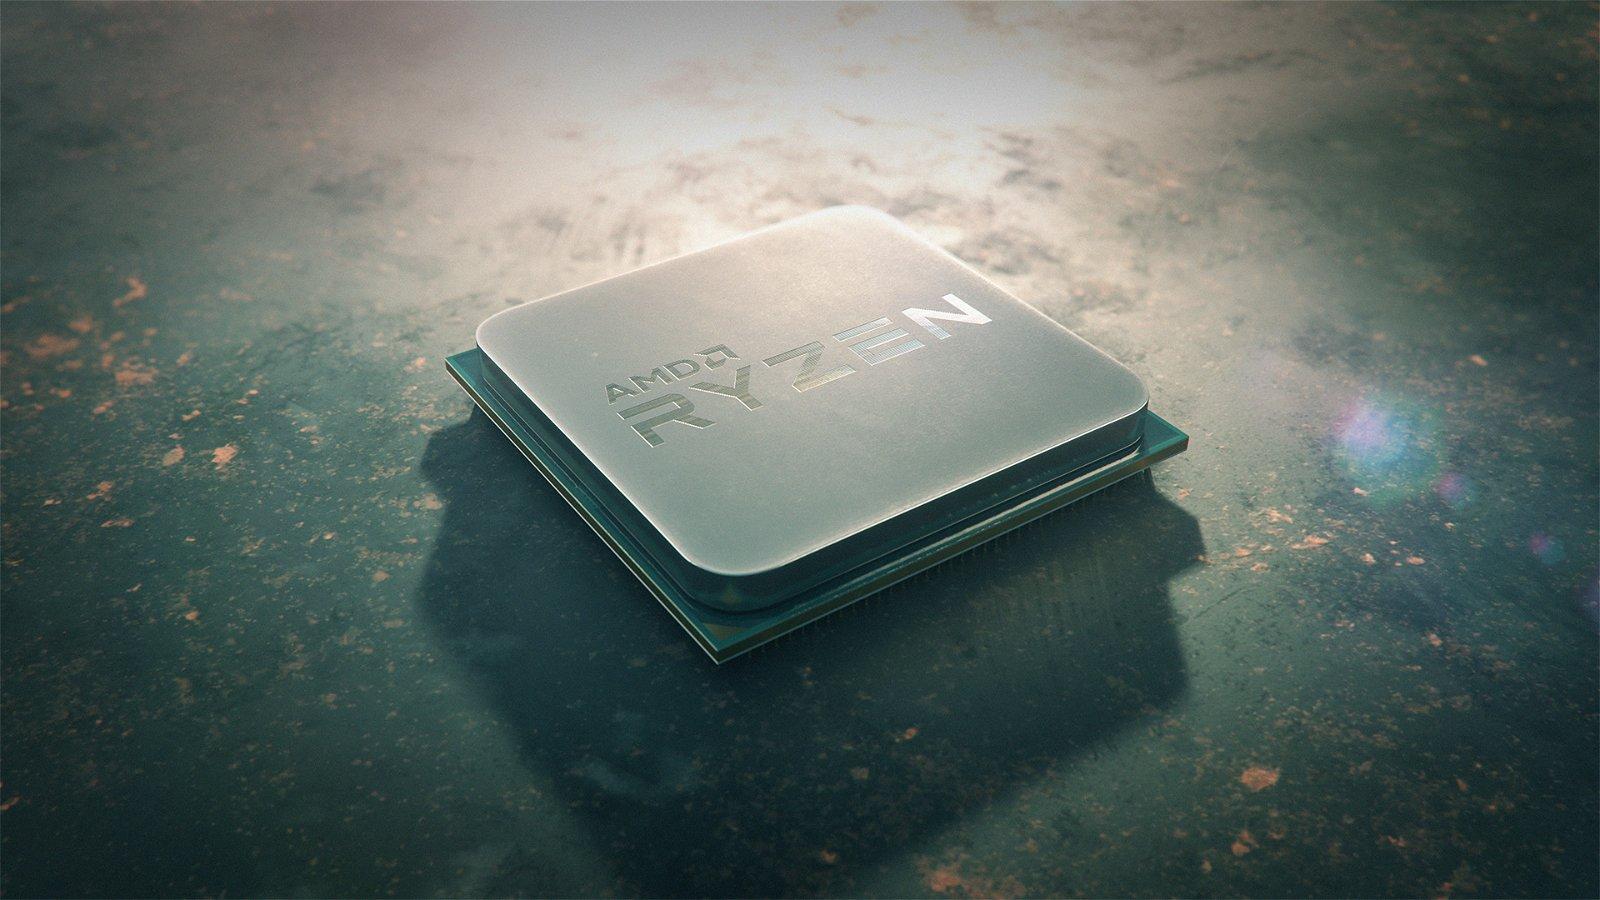 AMD Ryzen 5 2600 and Ryzen 7 2700 Review 7